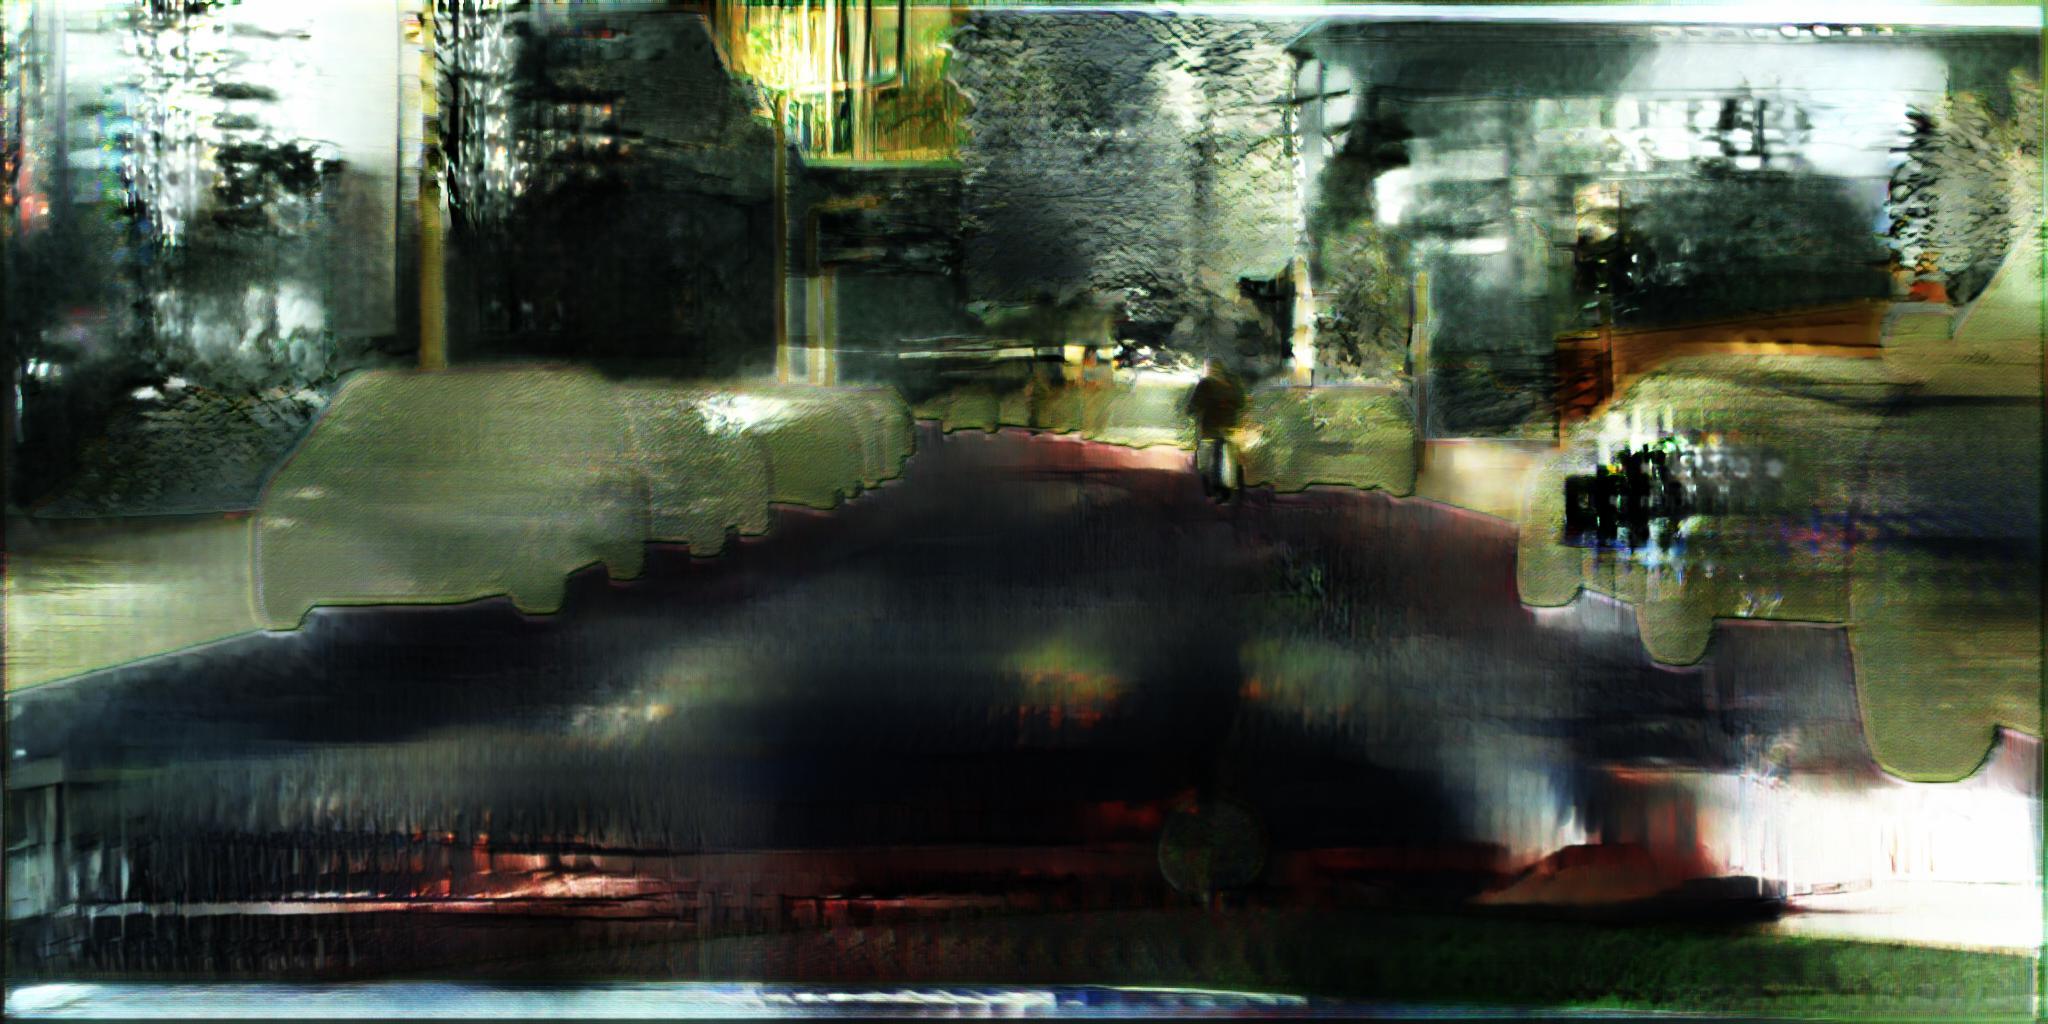 frankfurt_000000_000576_gtFine_labelIds_synthesized_image